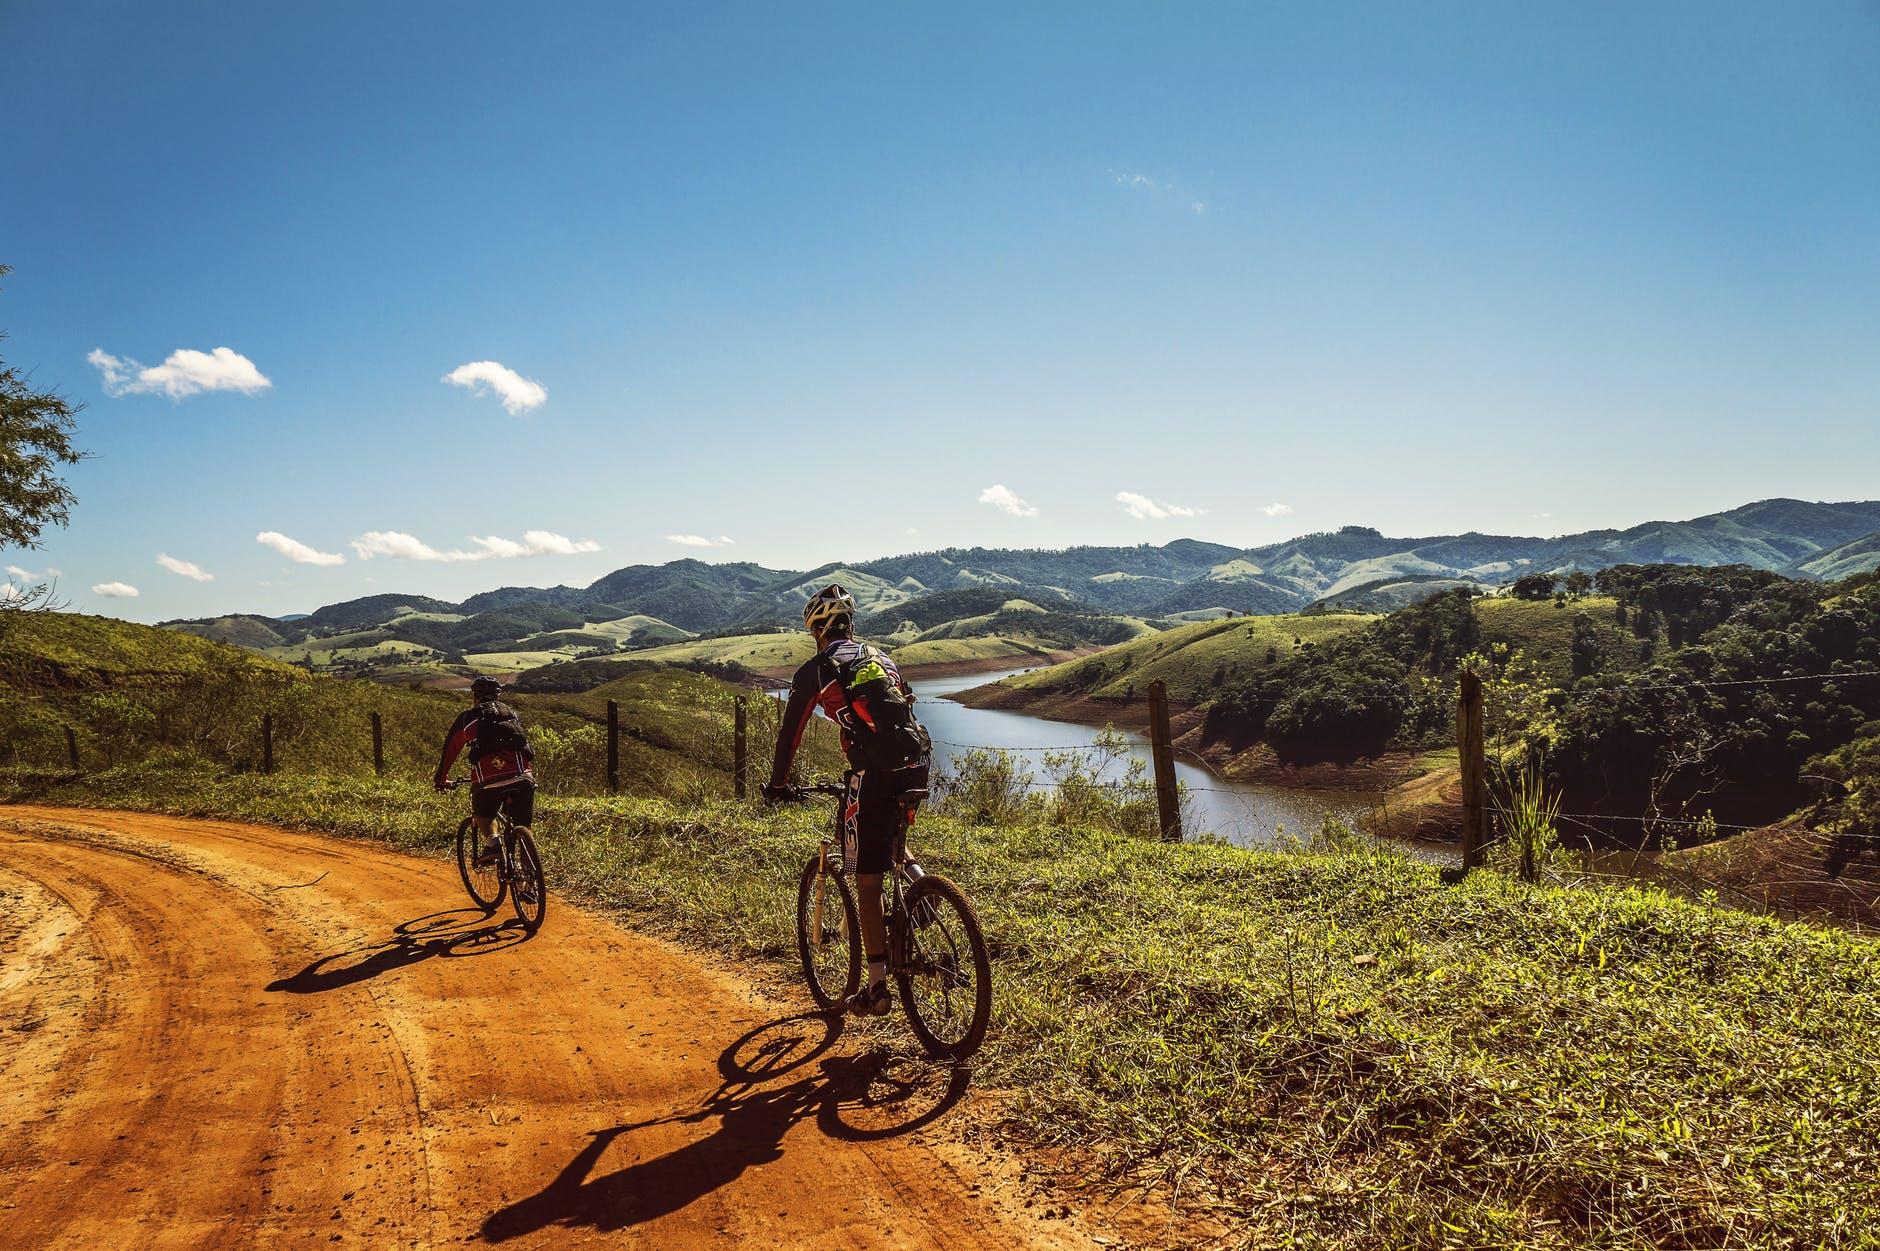 Ressources pour le mode de vie portugais - Faire du vélo - Trouver la bonne agence de tourisme ou le bon guide touristique